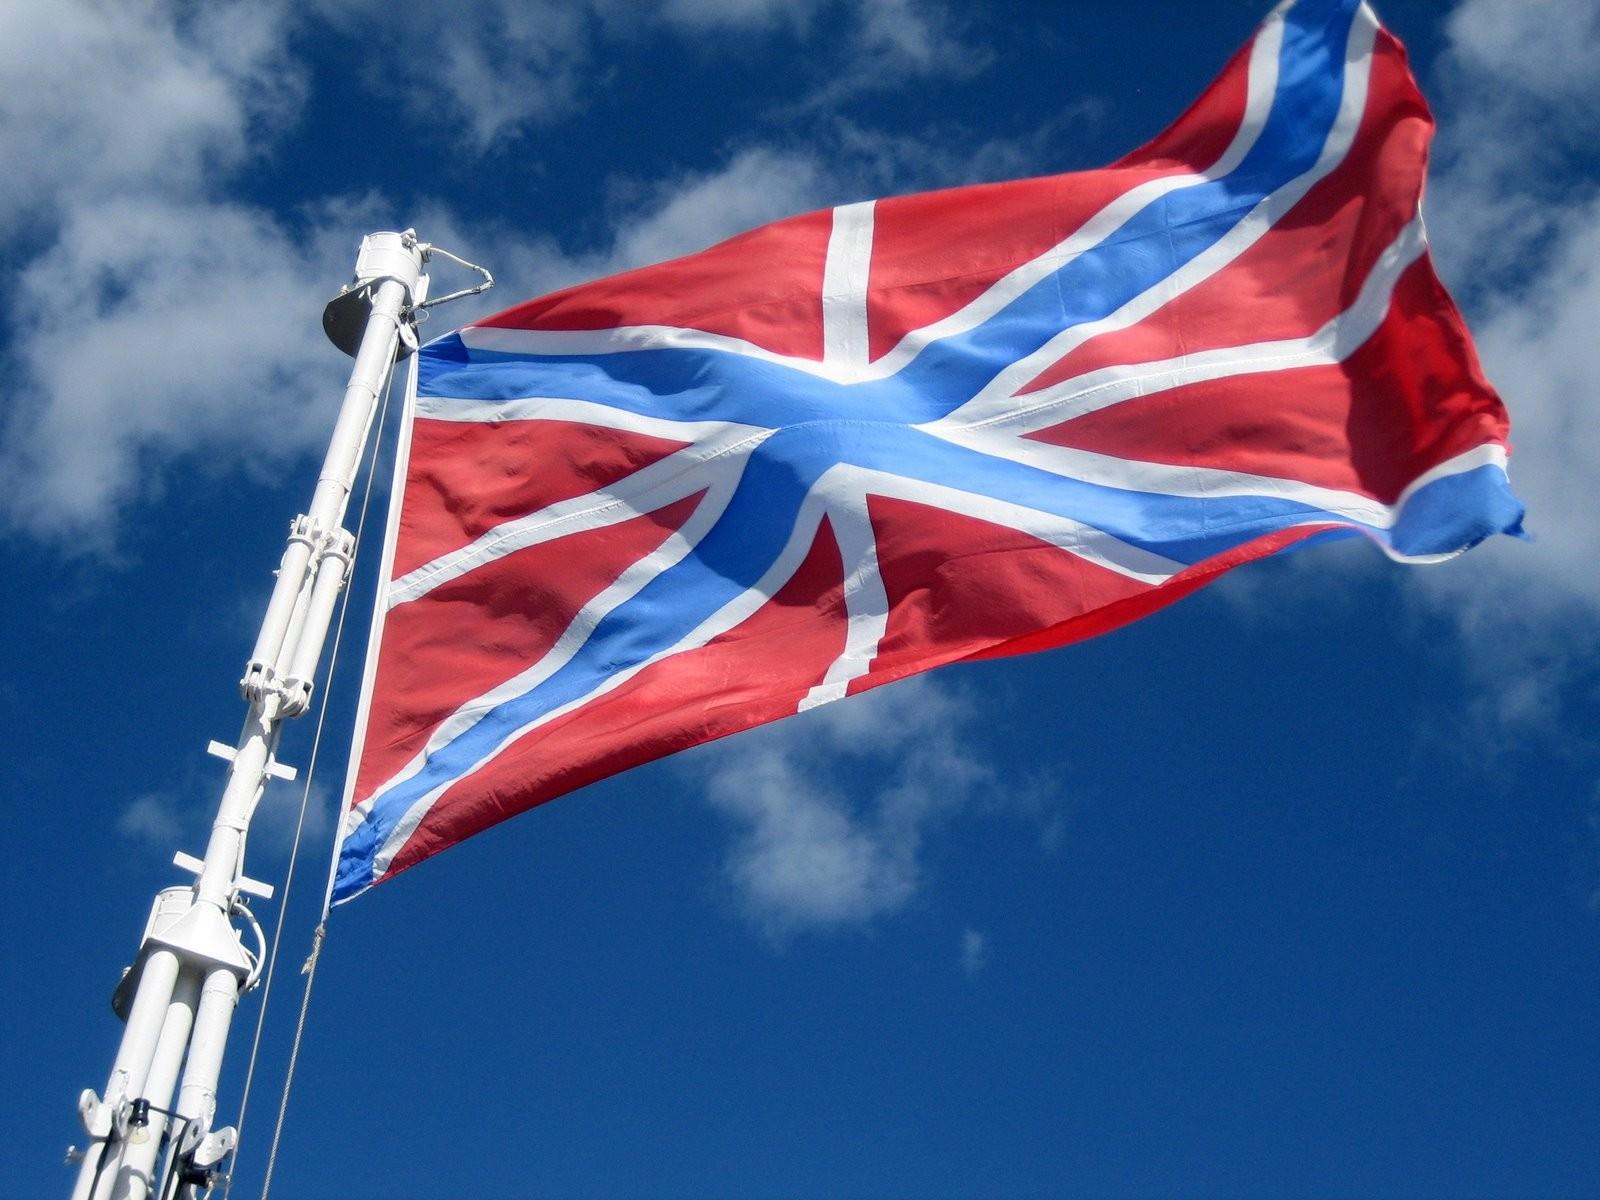 картинки флаг вдв